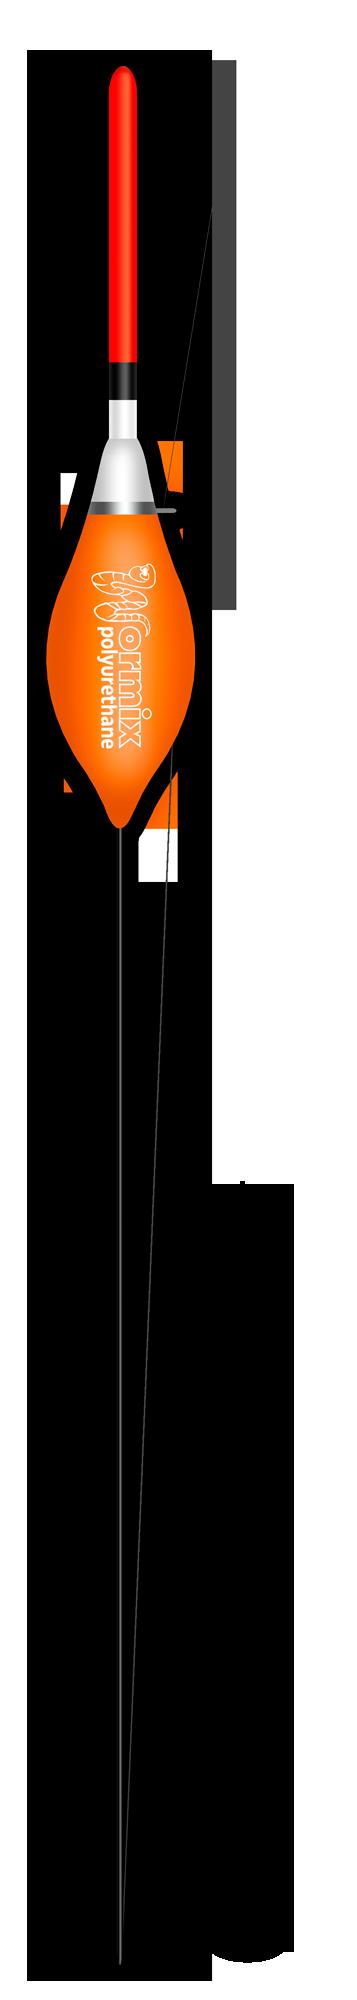 Поплавок Wormix полиуретановый 810 - 4 гр